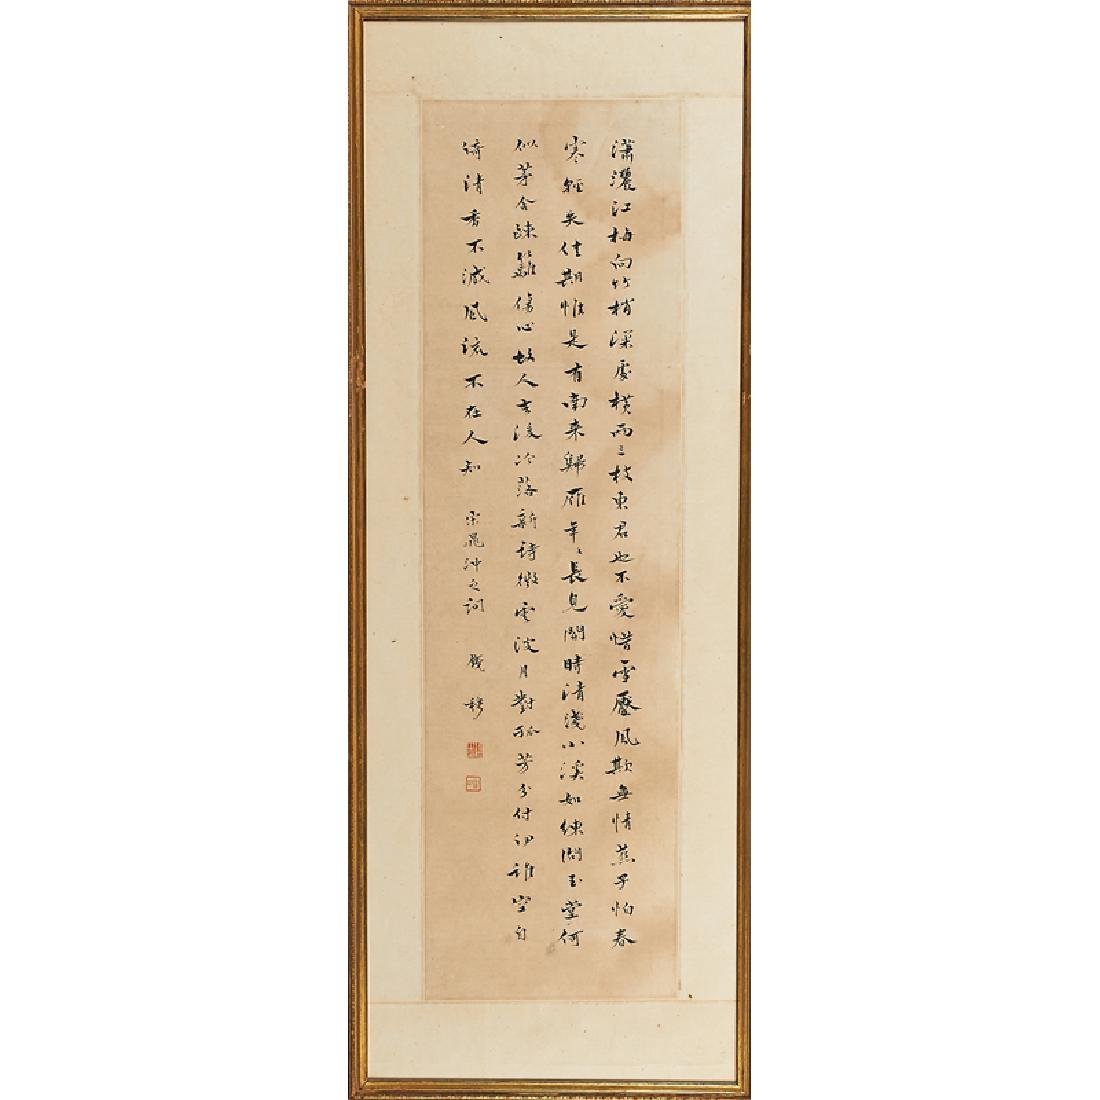 QIAN MU (Chinese, 1895-1990)